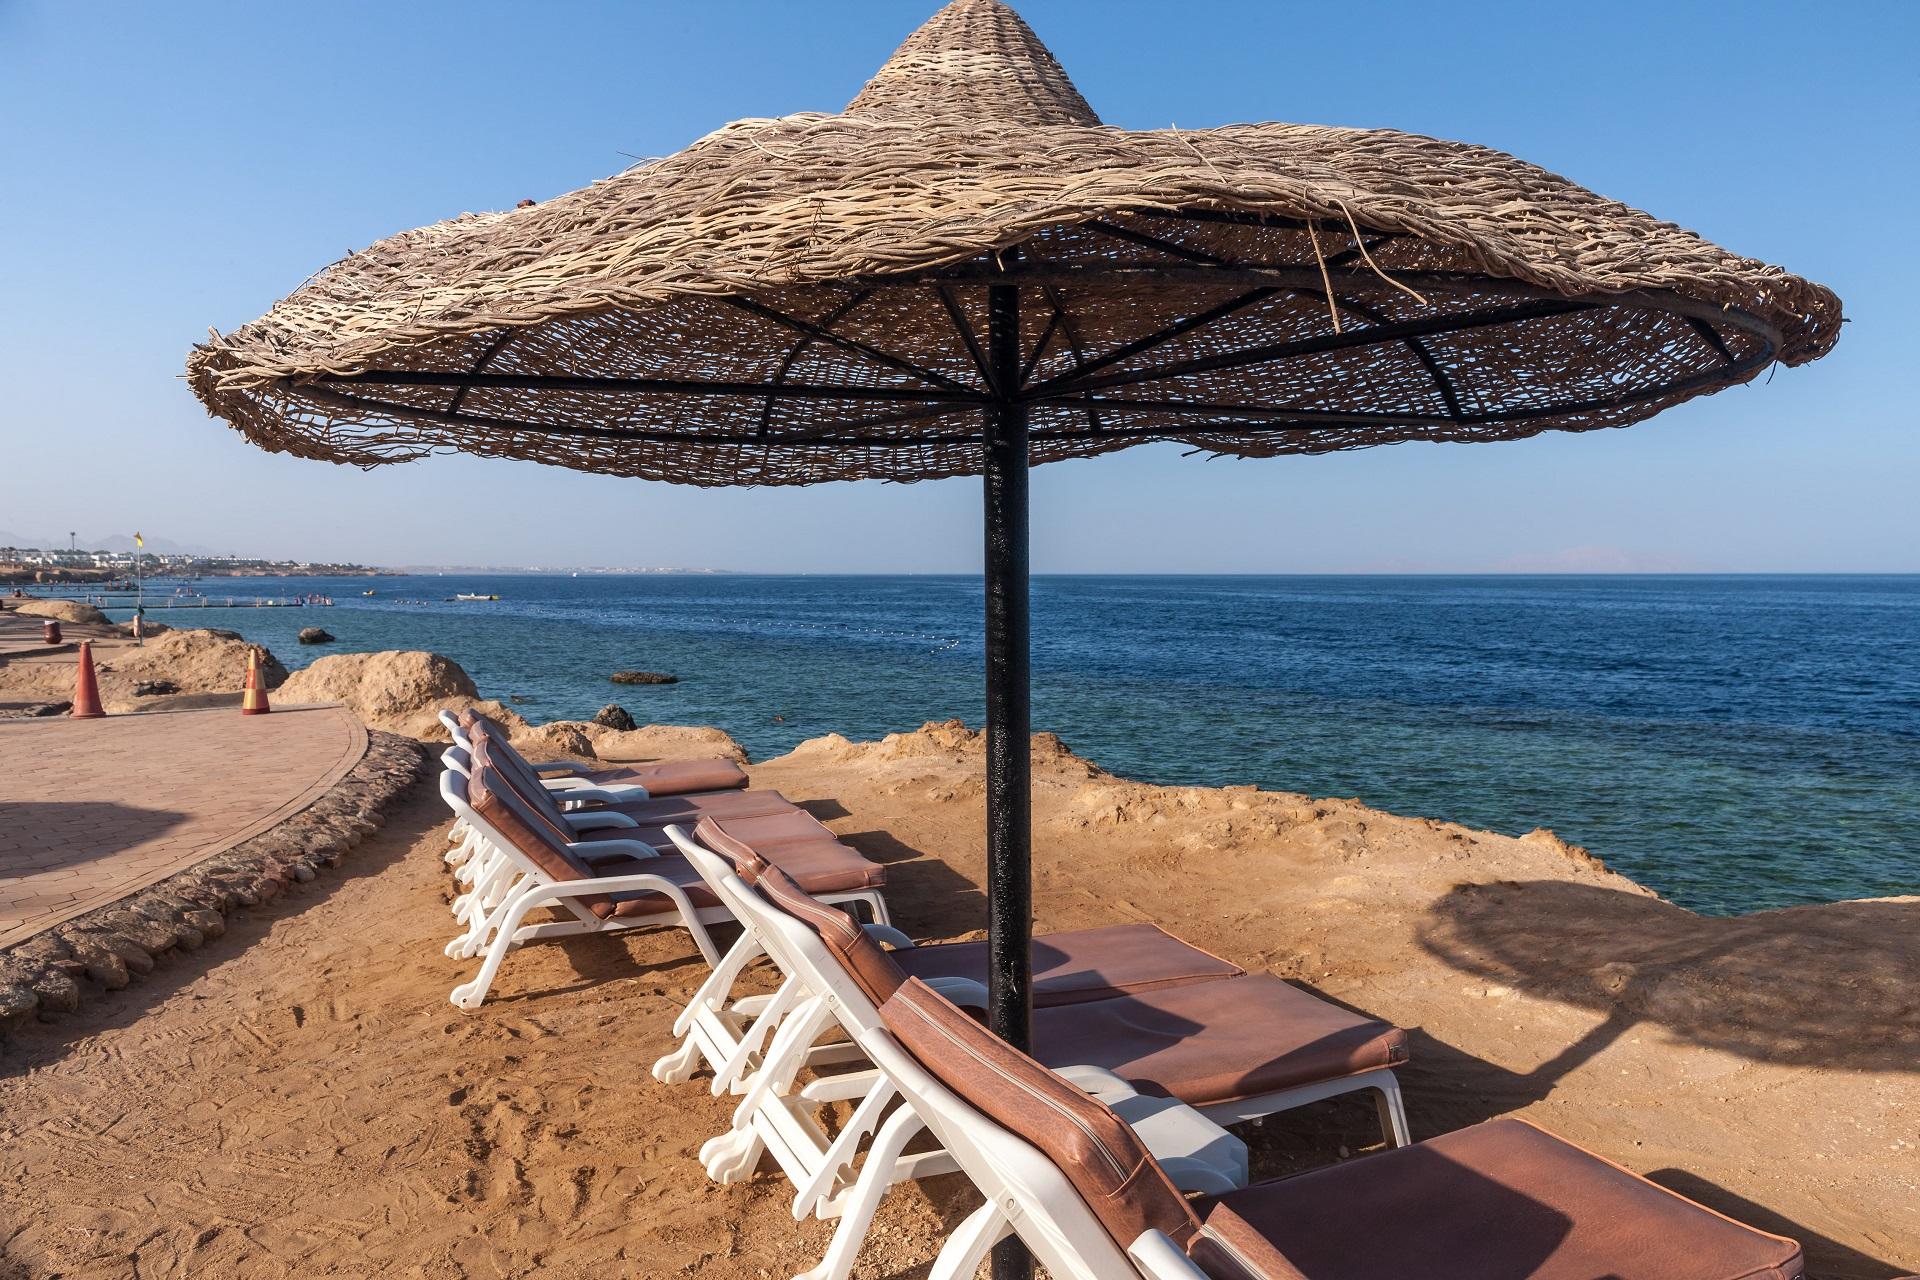 beach-luxury-hotel-sharm-el-sheikh-egypt-umbrella-against-blue-sky